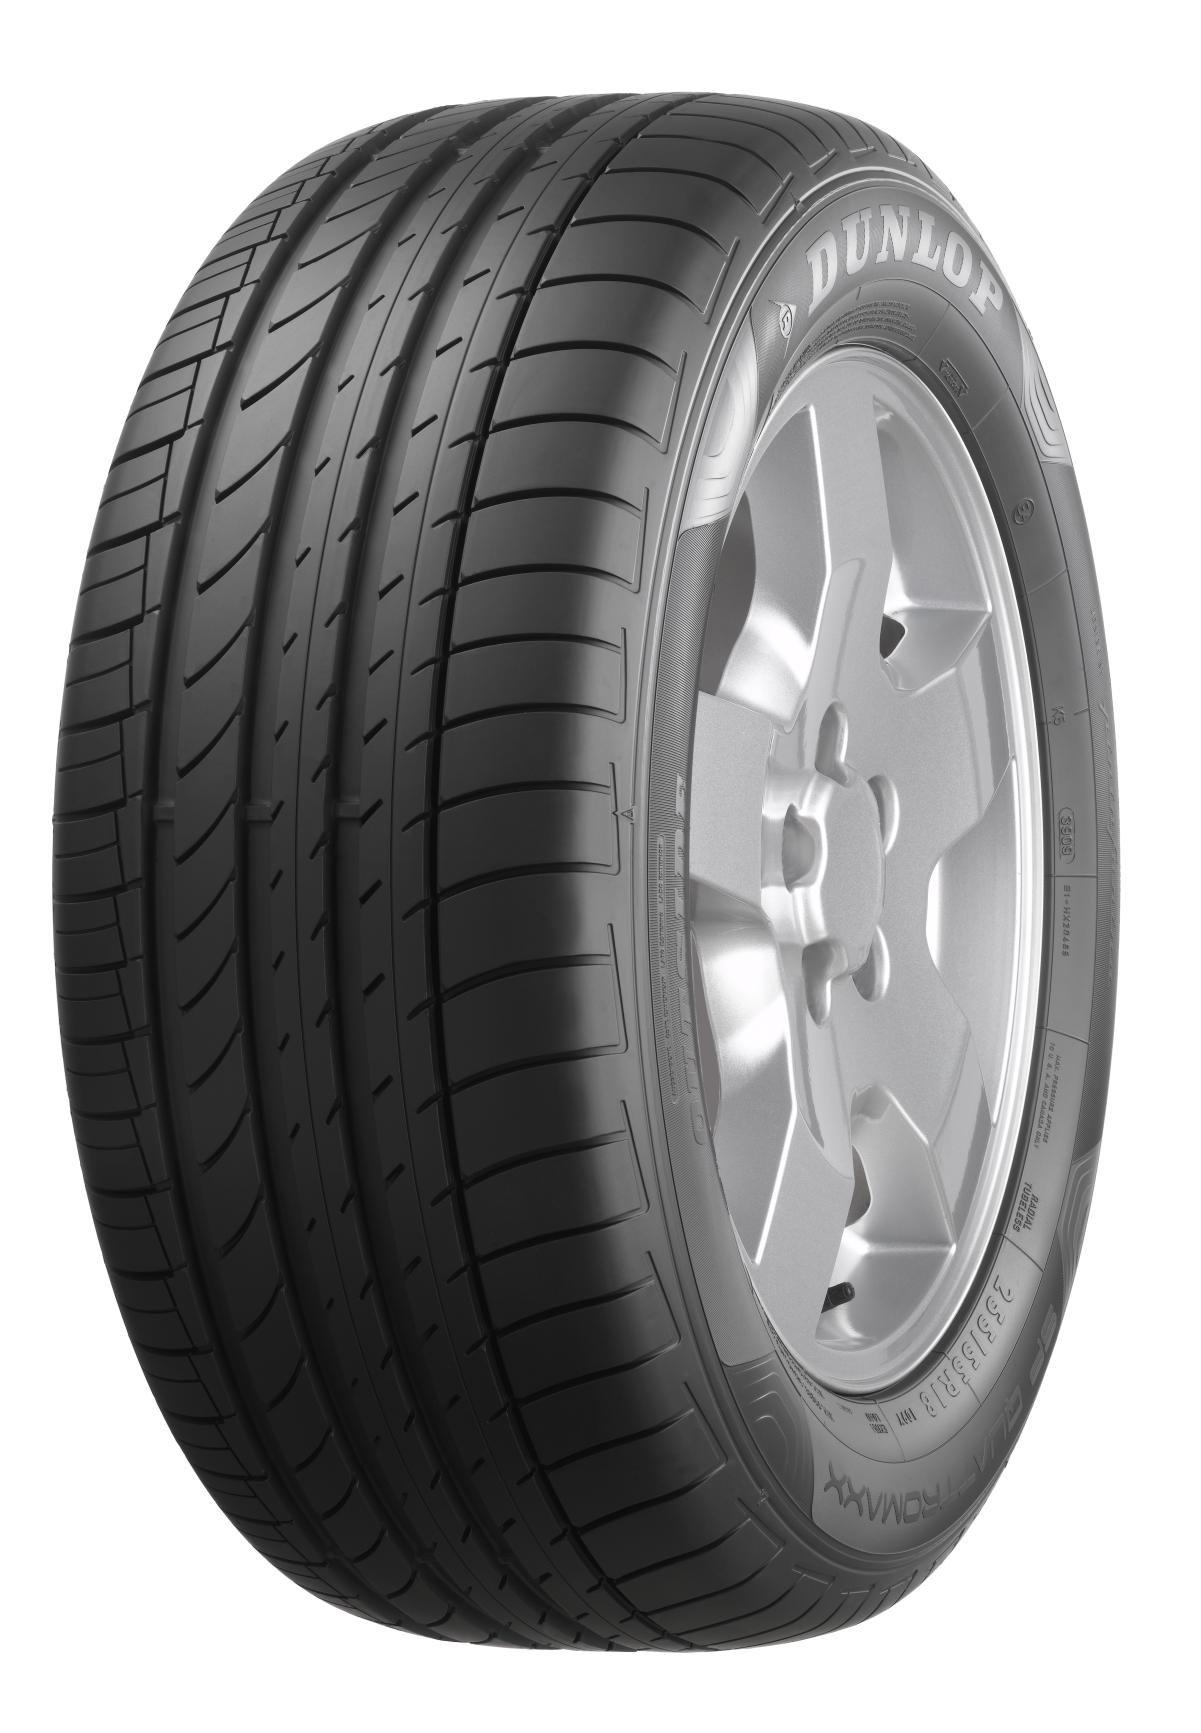 Neumático DUNLOP QUATTROMAXX 255/50R20 109 Y